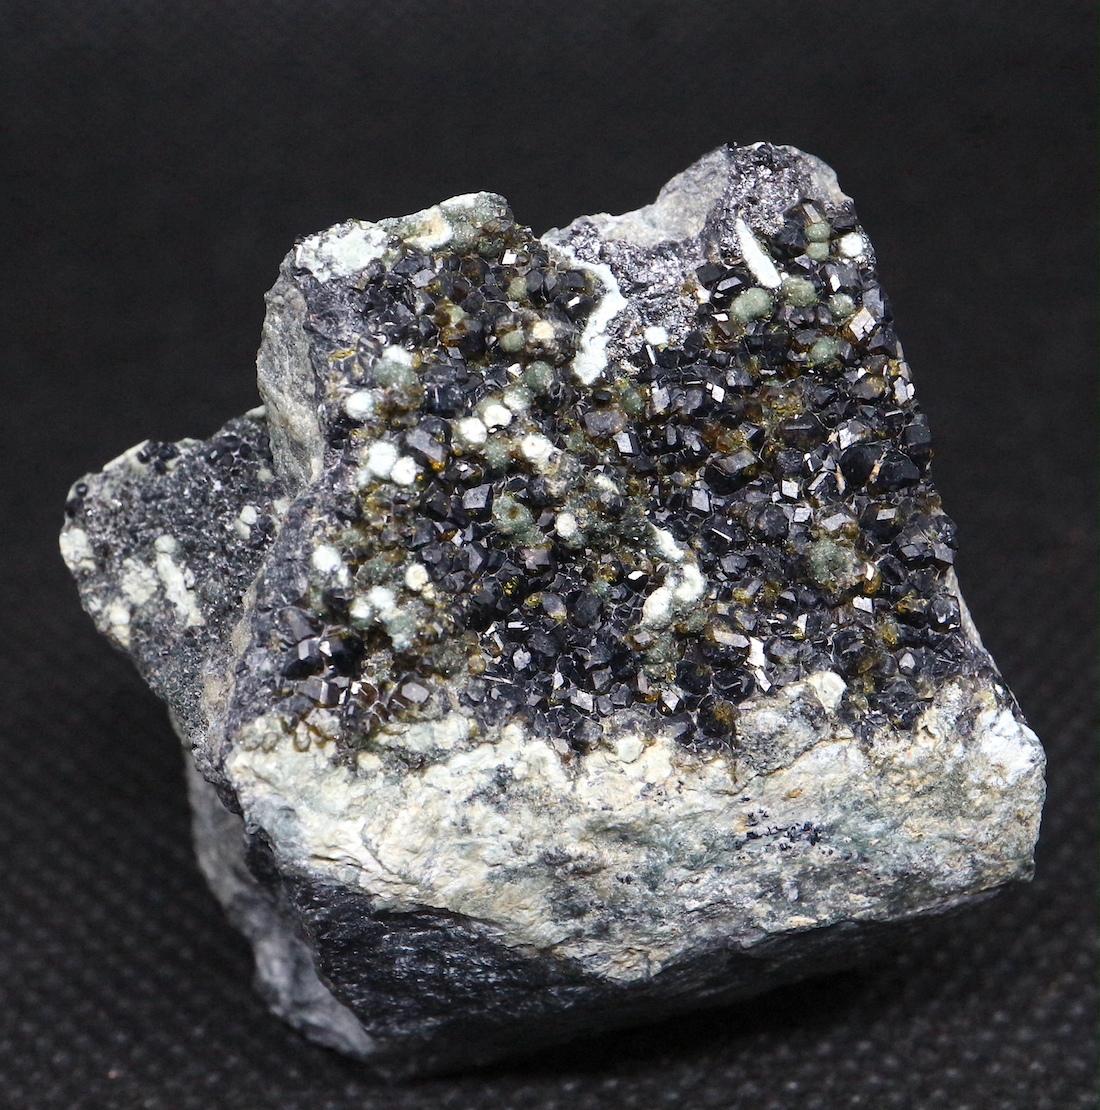 2鉱物共生 ! メラナイト トパゾライト ガーネット 灰鉄柘榴石 原石 78,3g AND063 鉱物 標本 原石 天然石